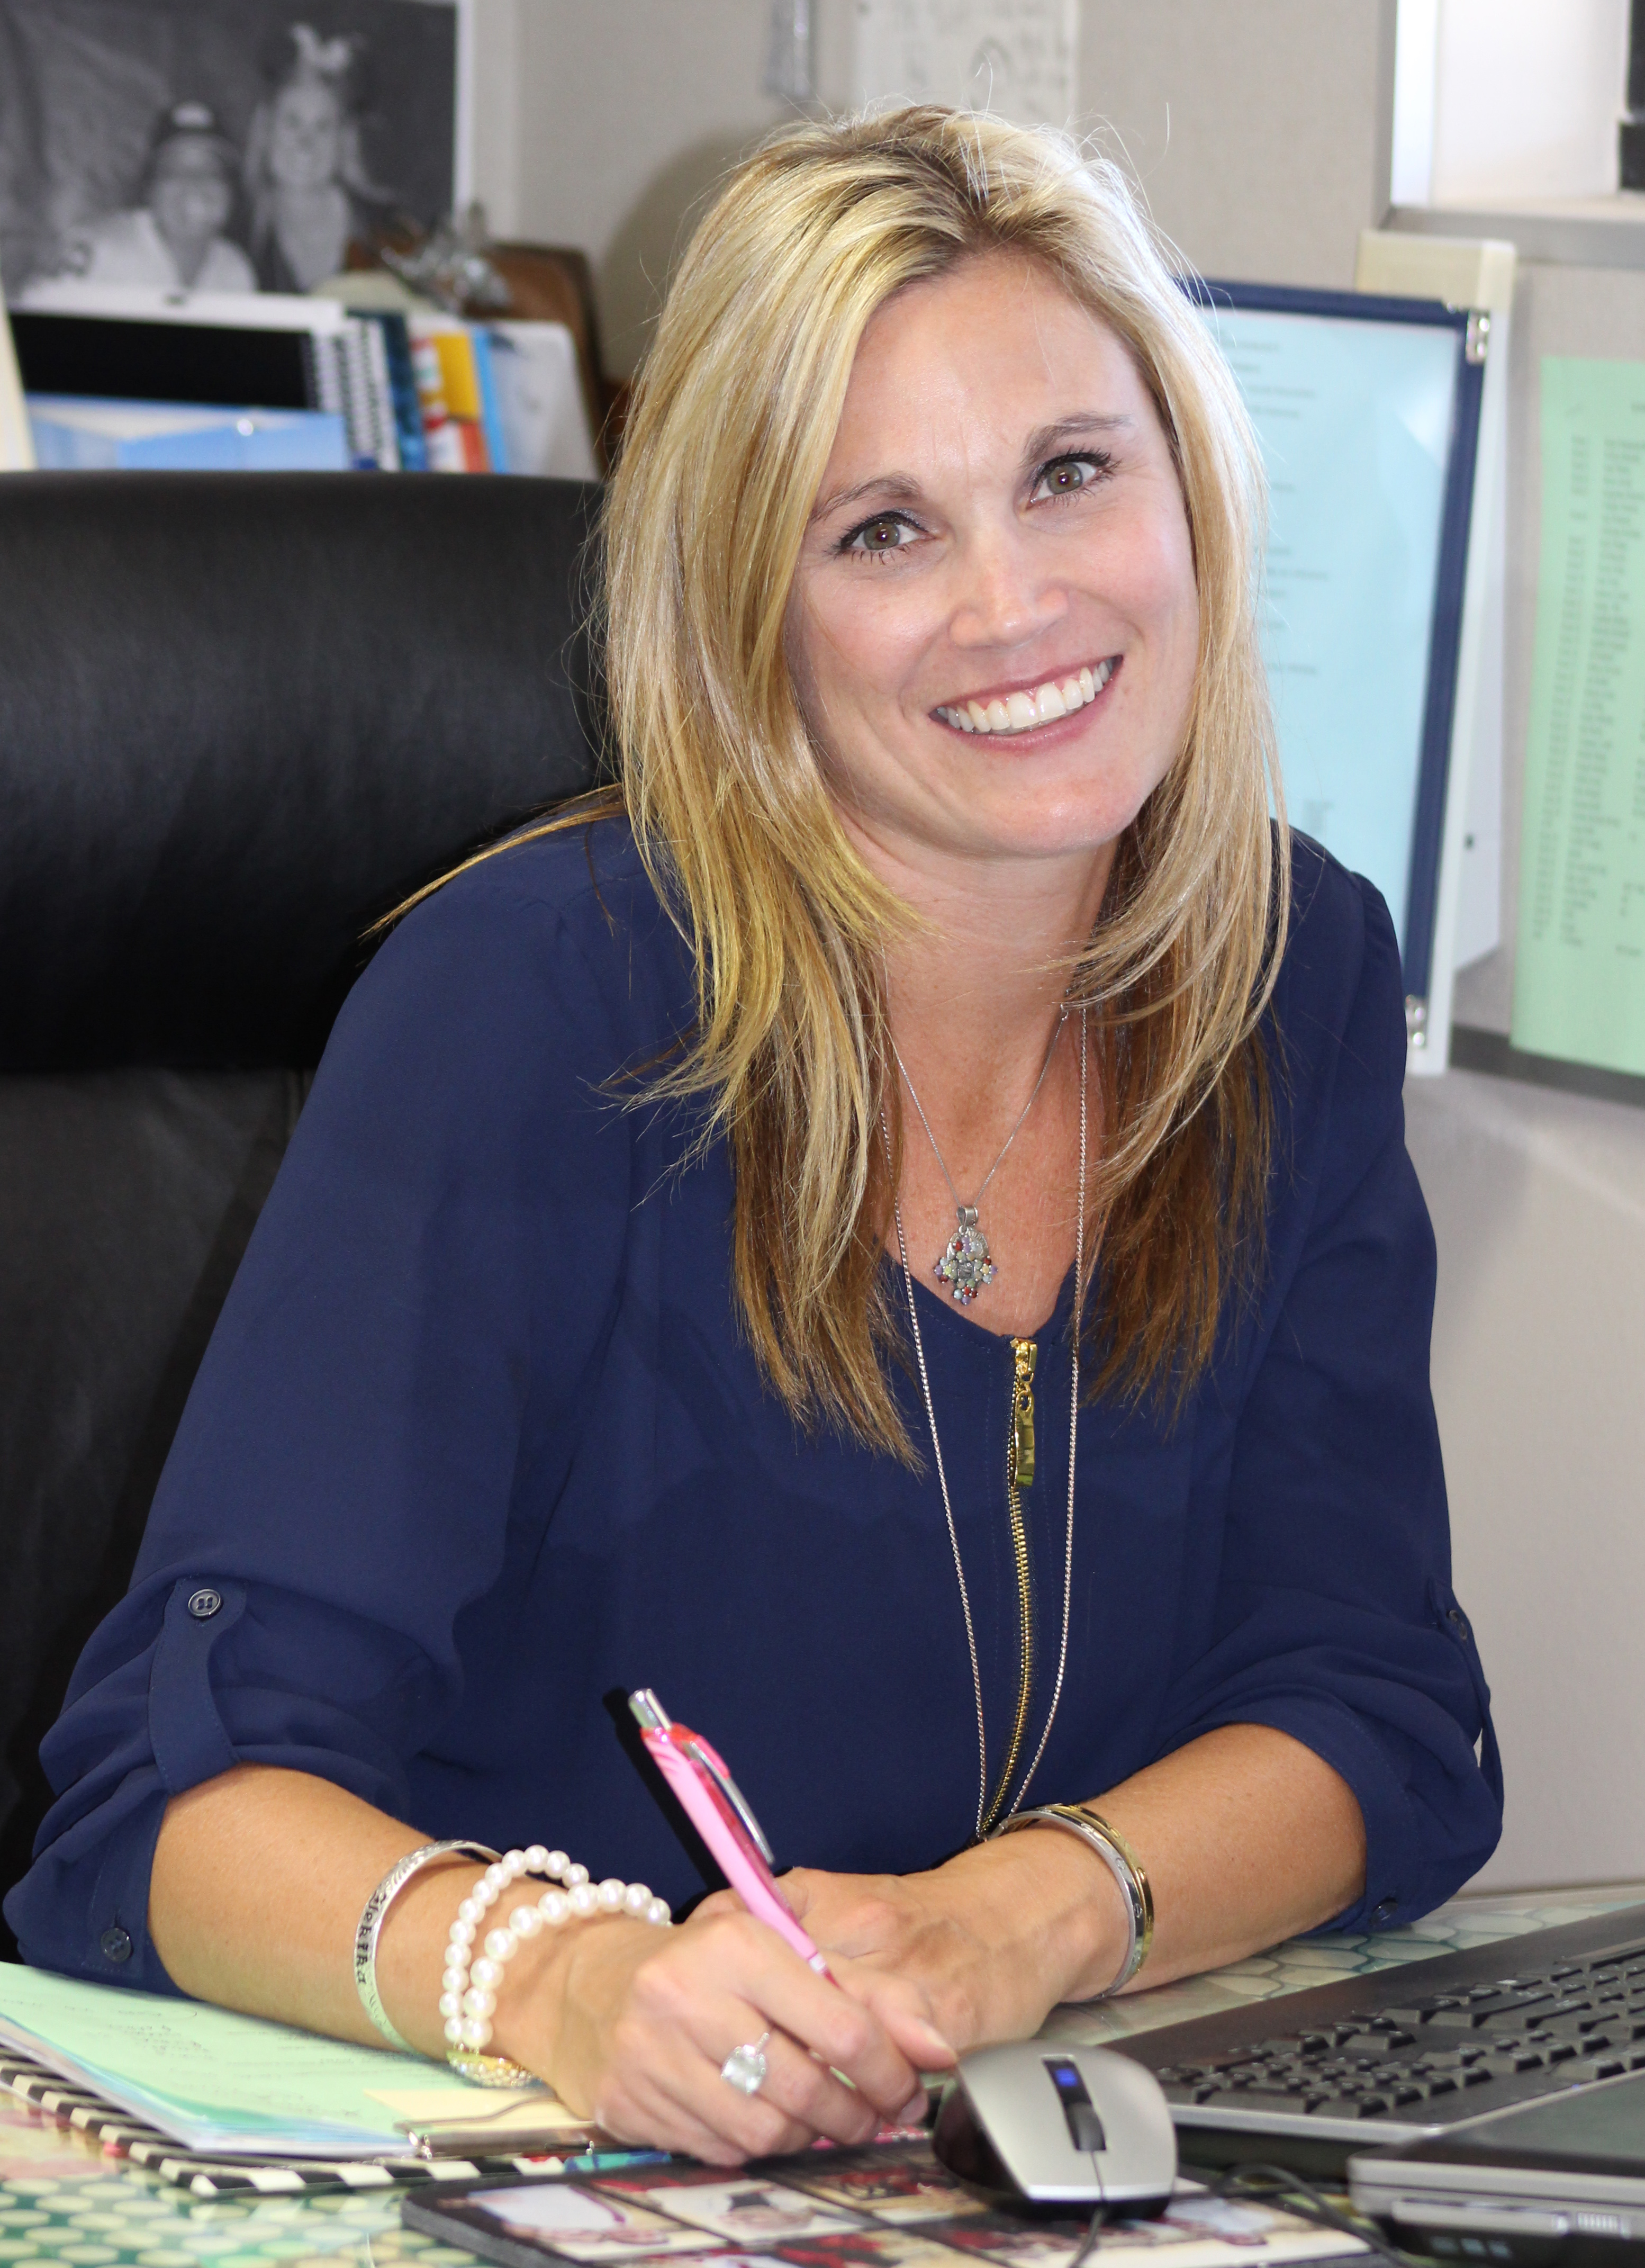 Principal Jessica Kott